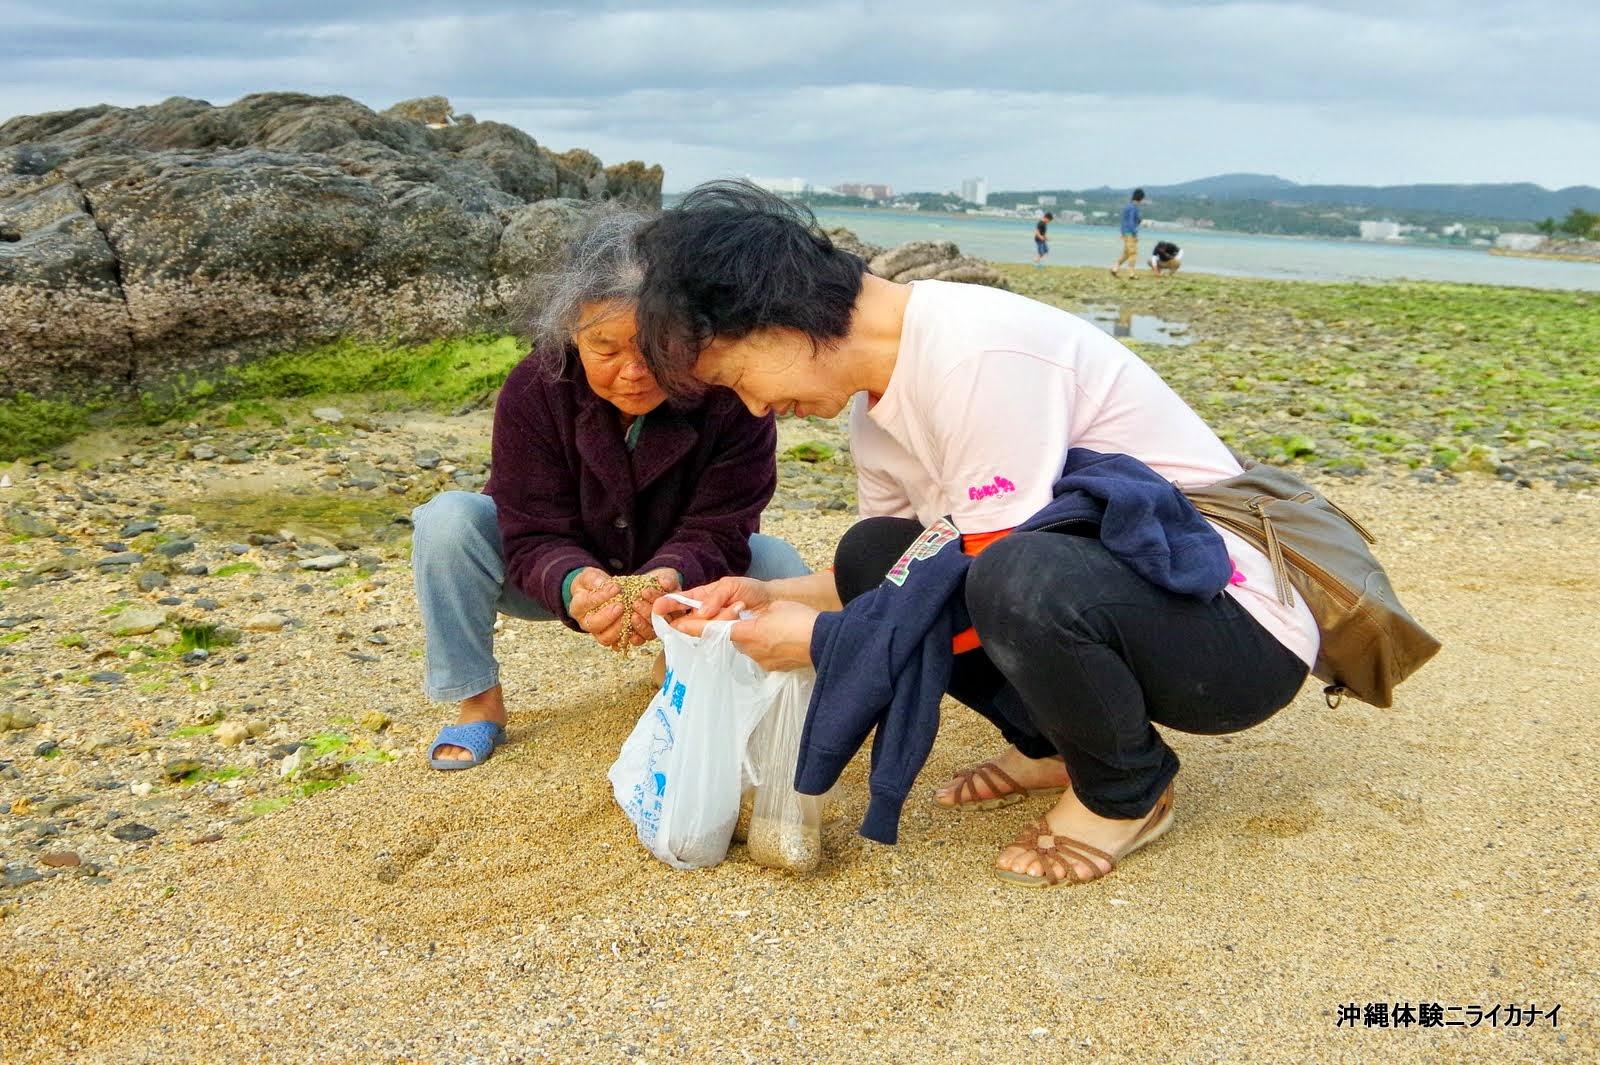 体験/観光 シーサー 恩納村 家族 子ども 海